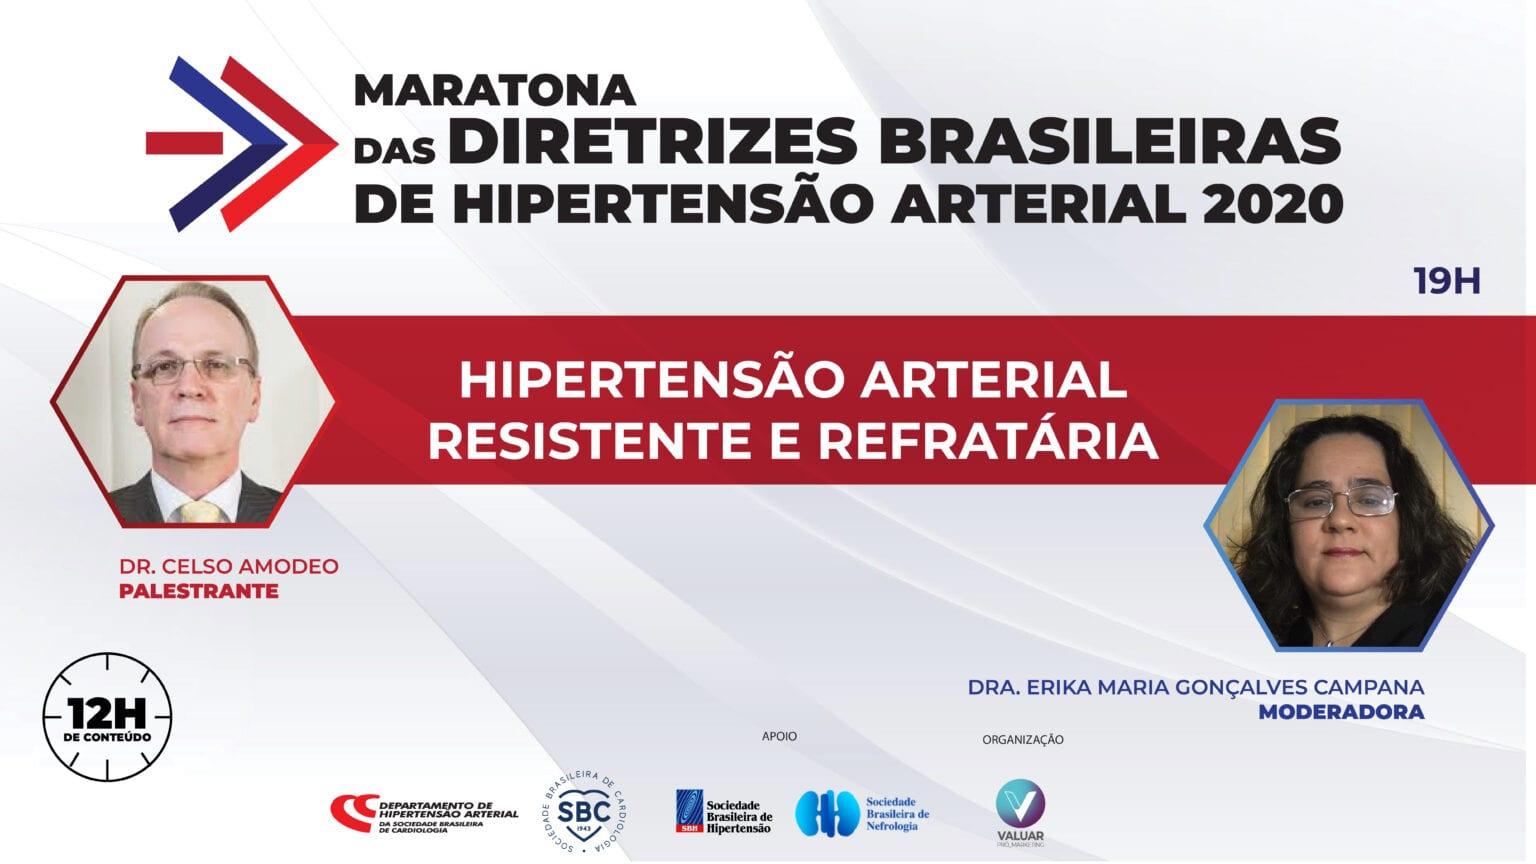 Hipertensão Arterial Resistente e Refratária